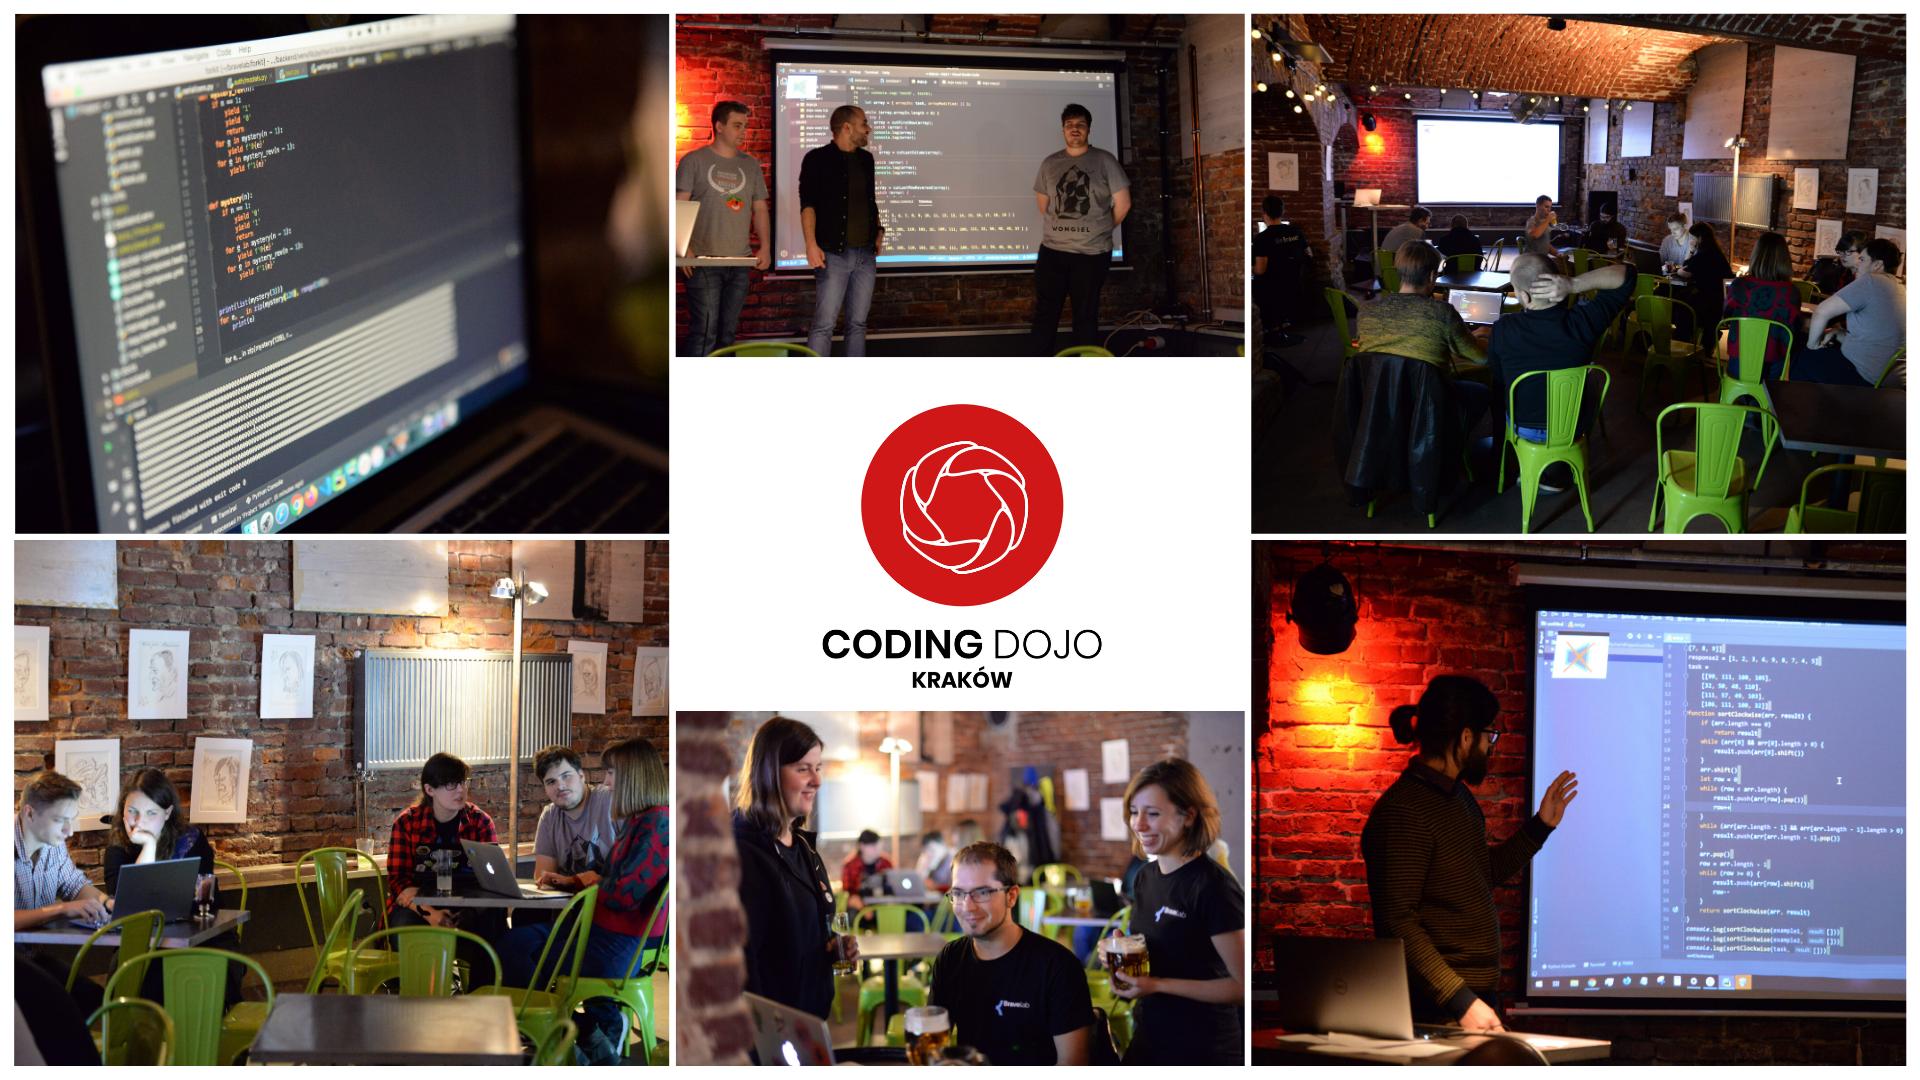 Coding Dojo Krakow